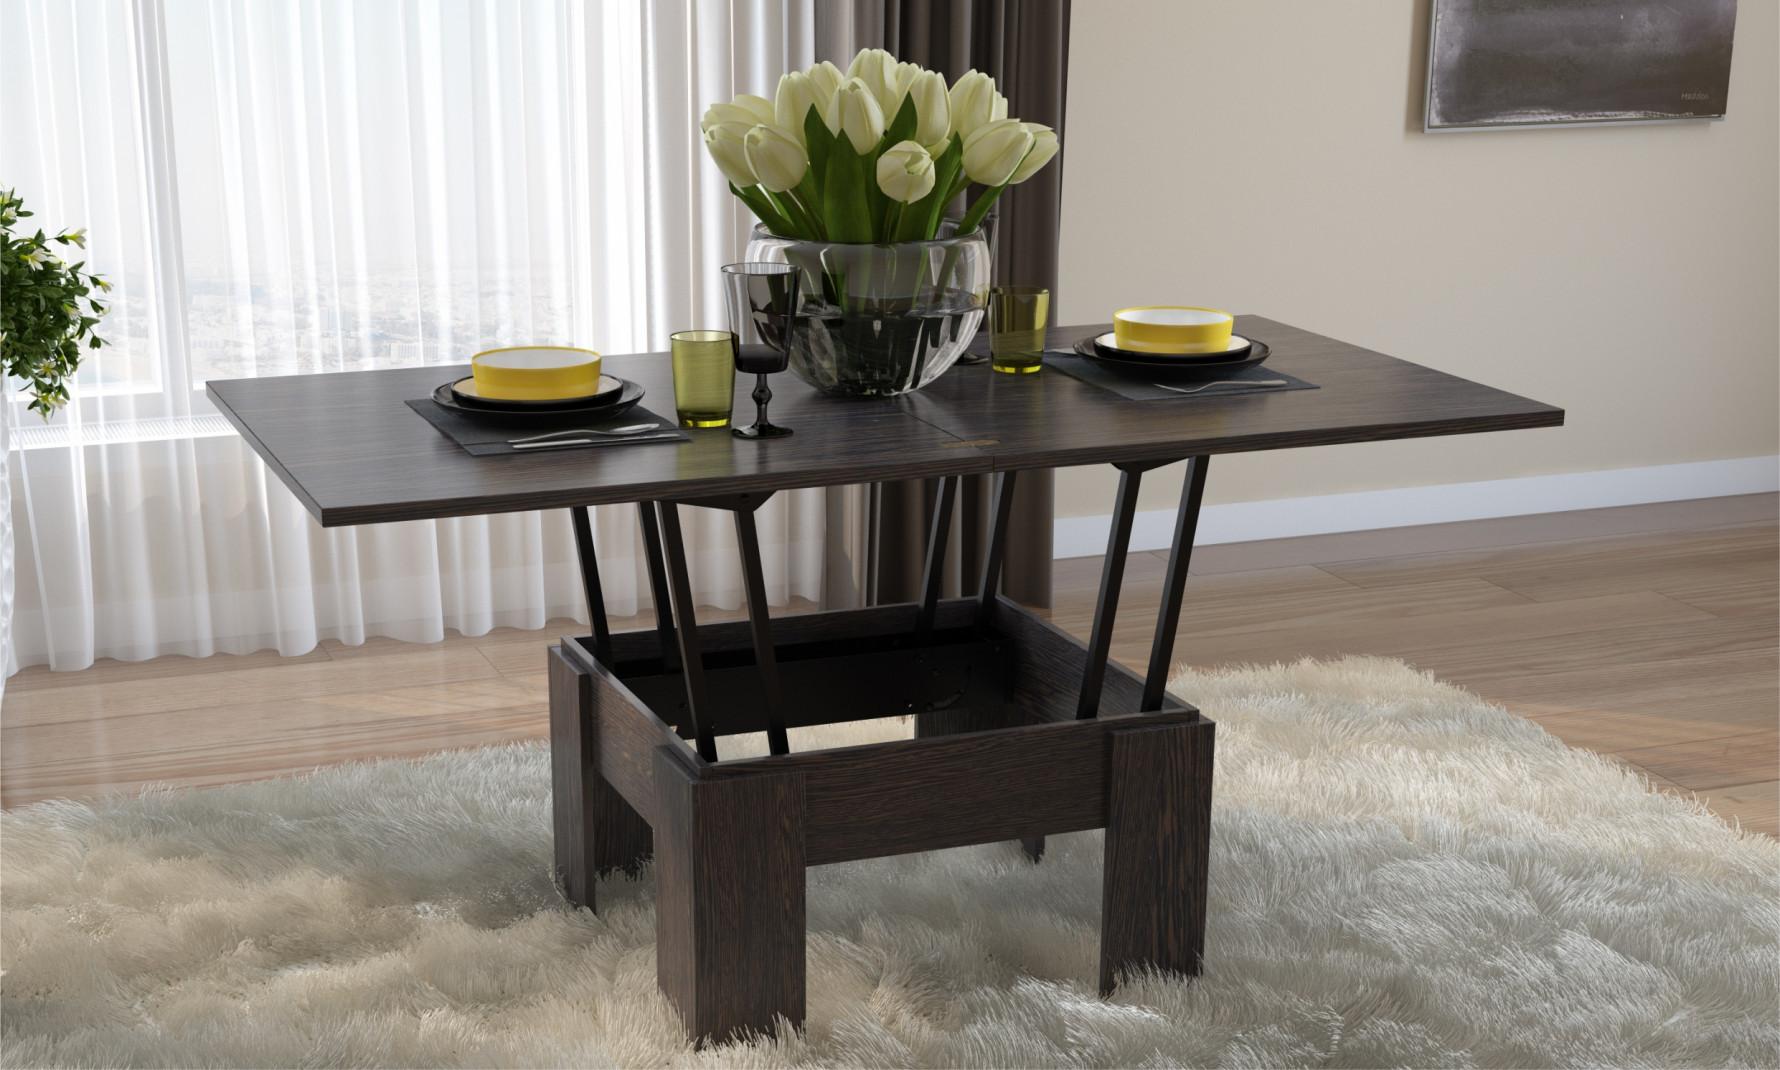 Мебель 2 в 1: идеально, когда мало места